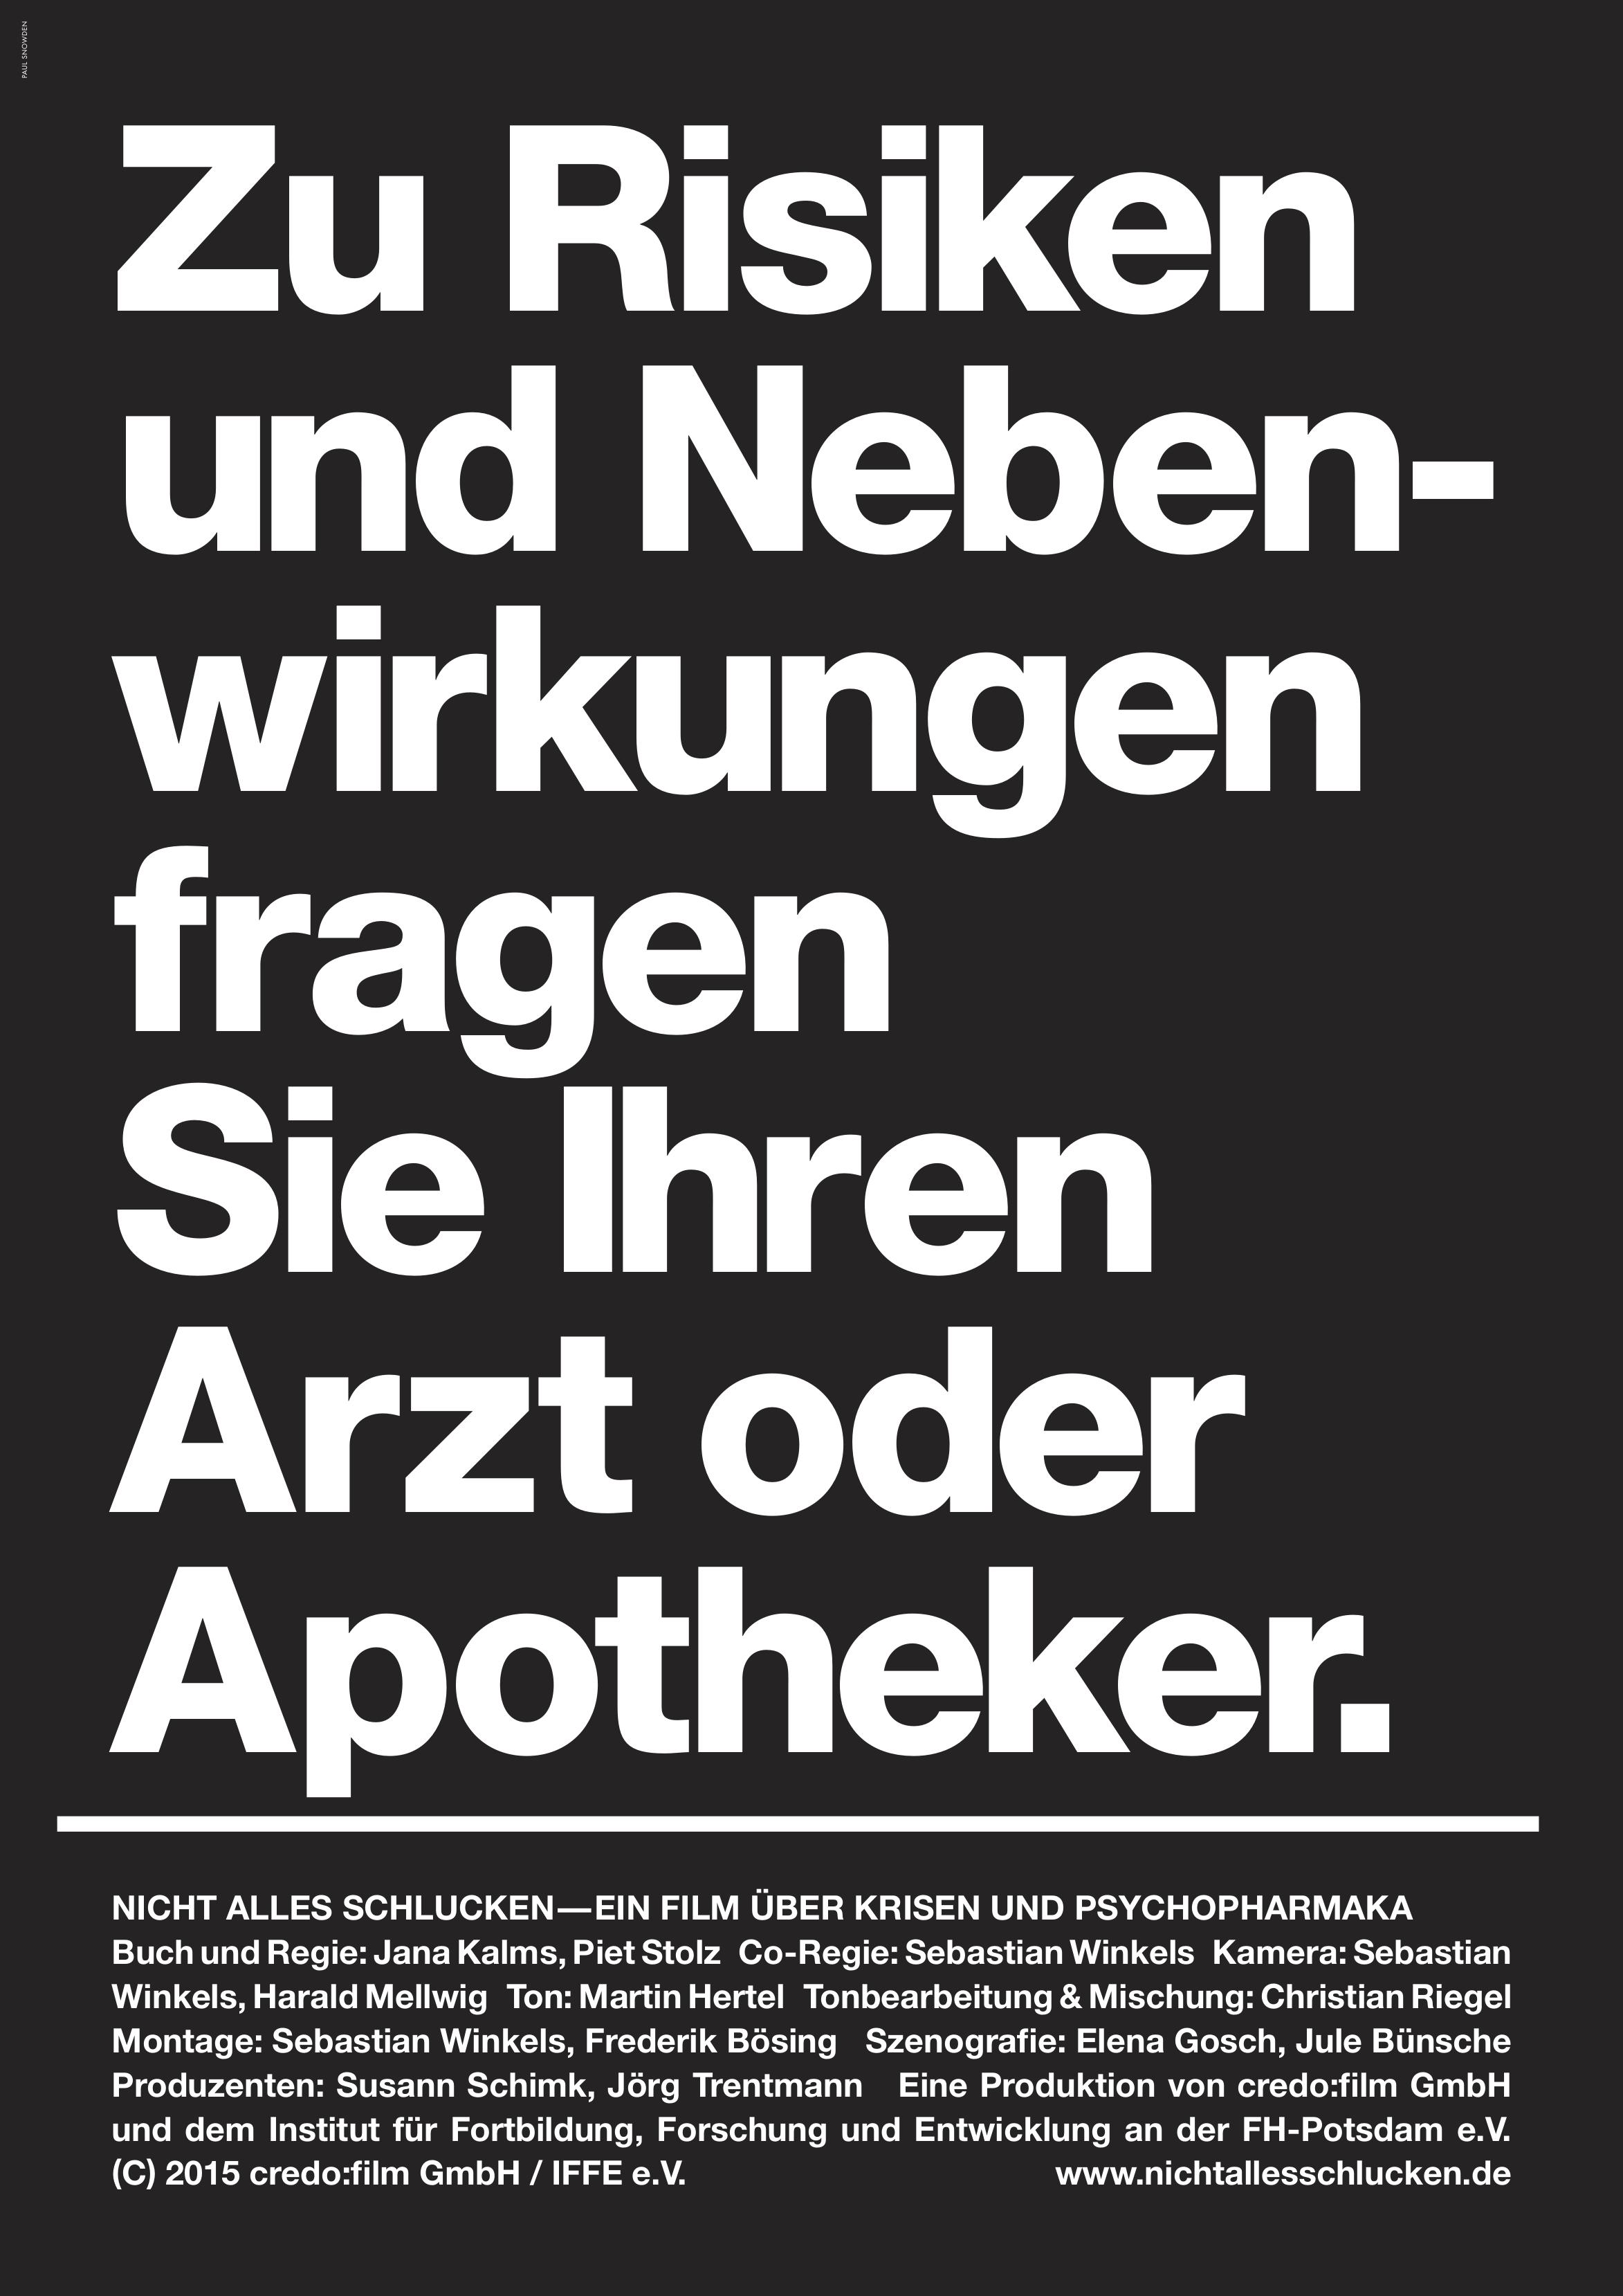 nicht-alles-schlucken-poster